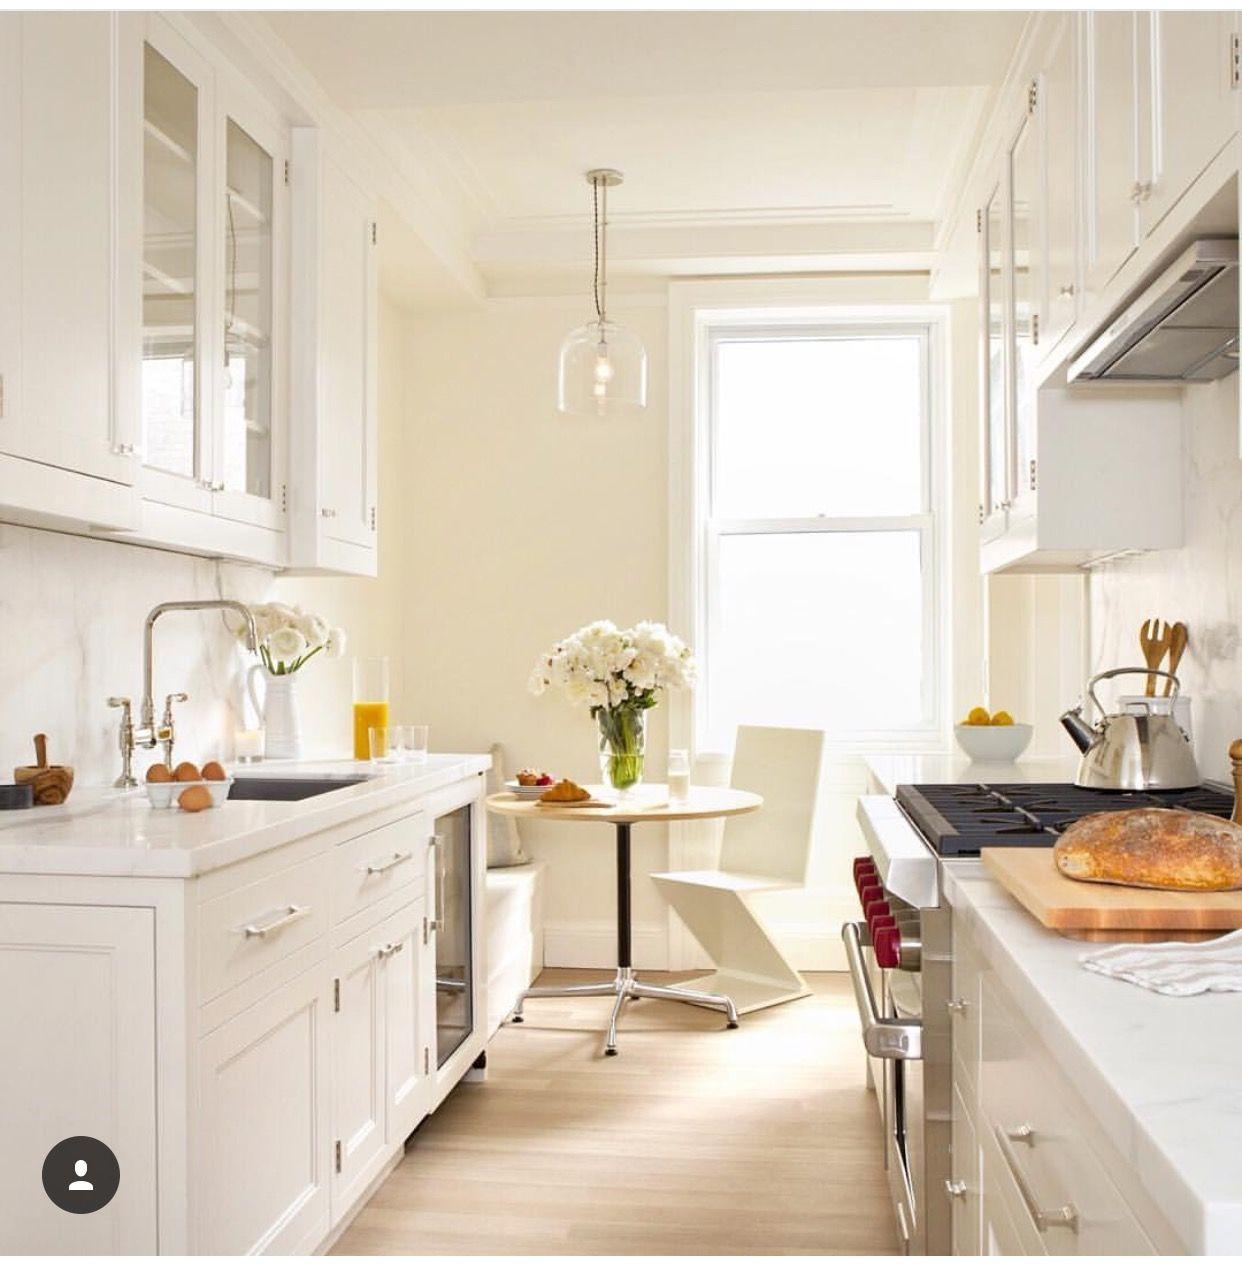 Nett Low Cost Küche Renovieren Ideen Zeitgenössisch - Küchen Ideen ...